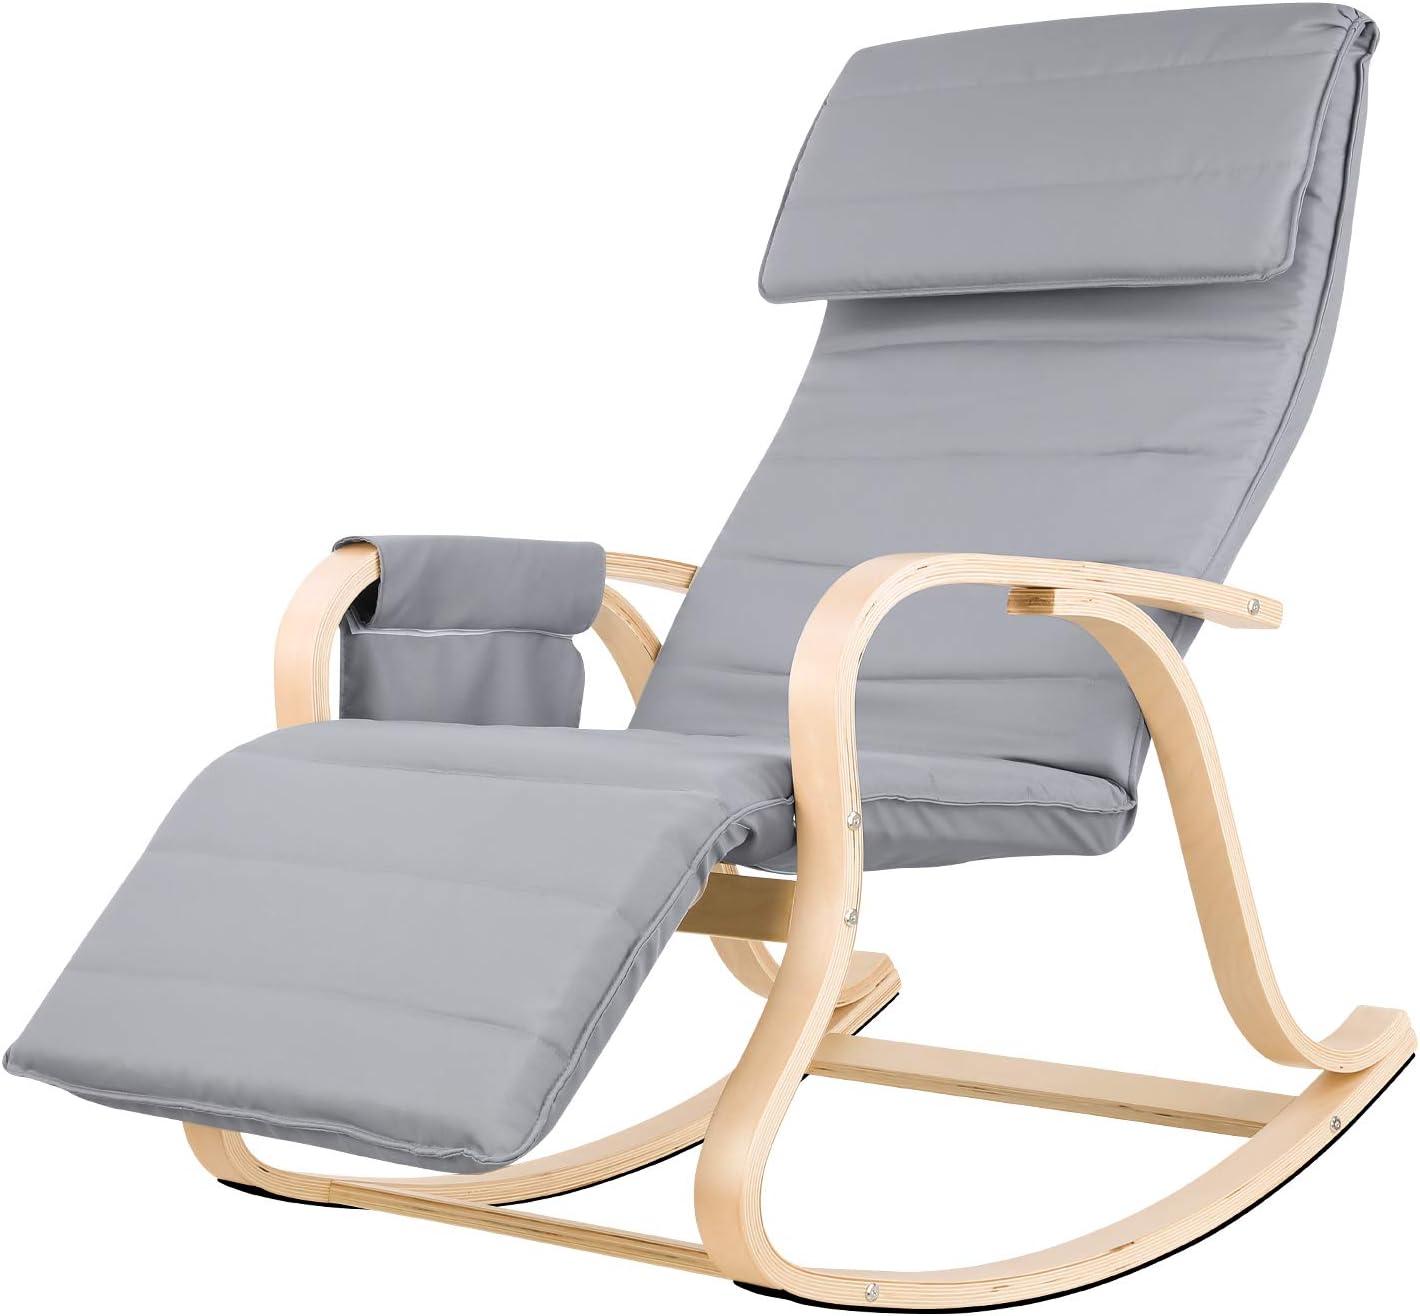 Homfa Fauteuil à Bascule Chaise à Bascule Chaise berçante